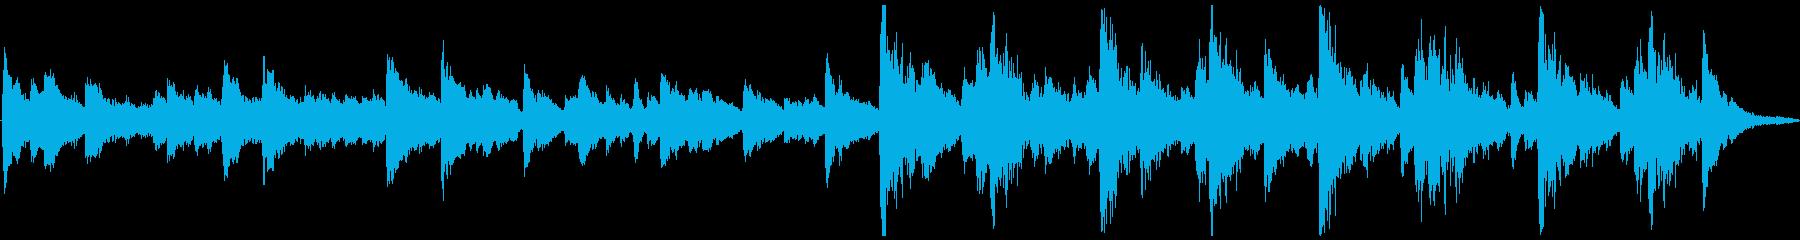 メインメロディーはマリンバとクラシ...の再生済みの波形